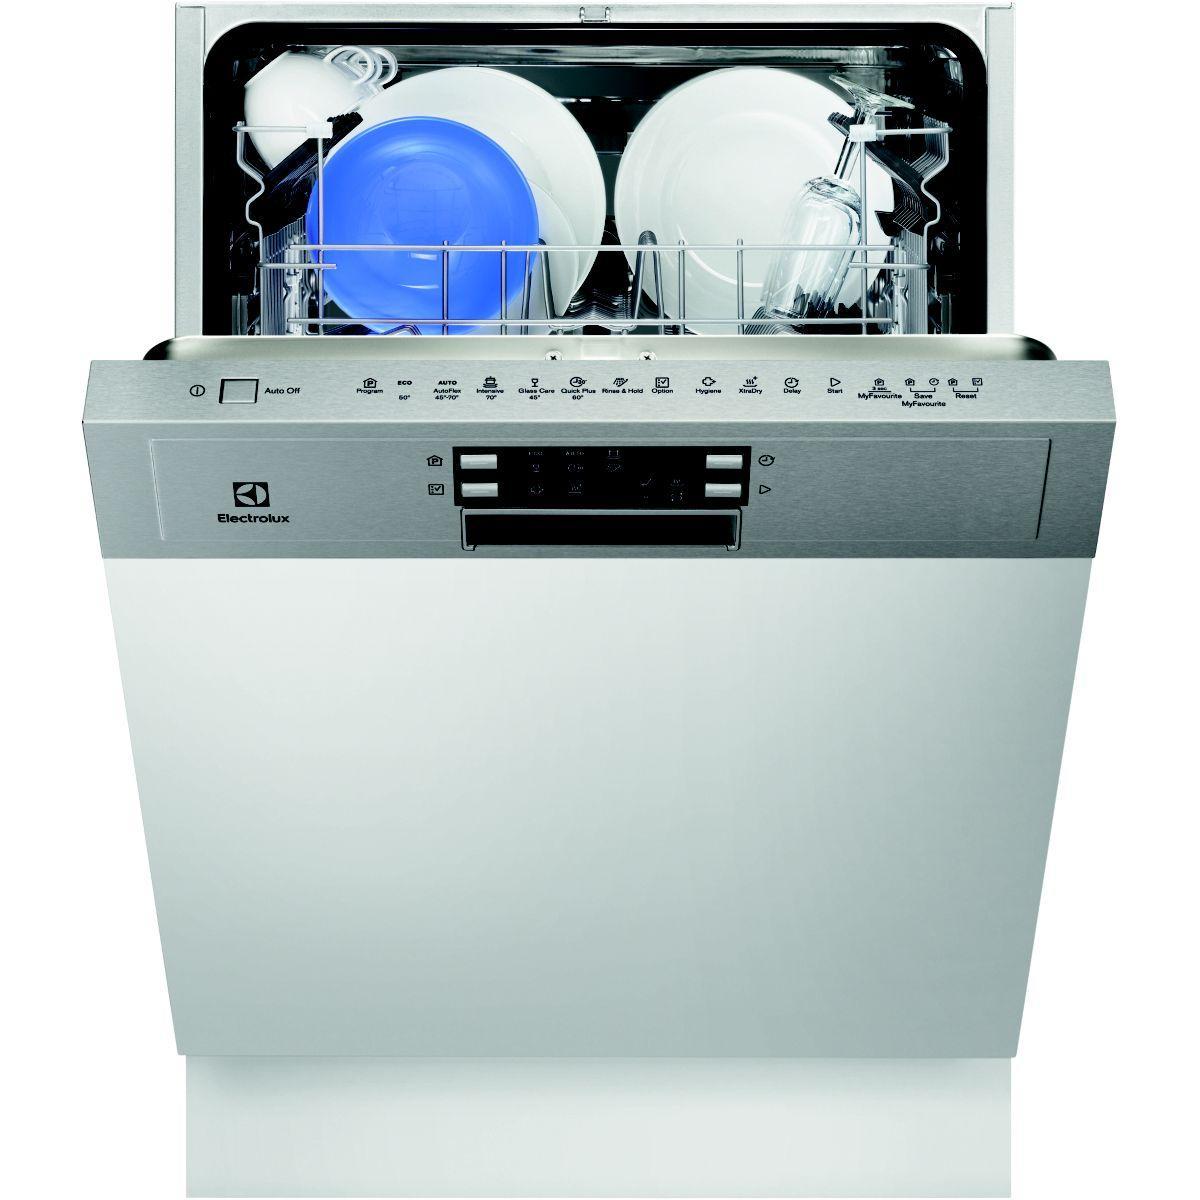 Lave vaisselle encastrable electrolux esi5511lox - 10% de remi...